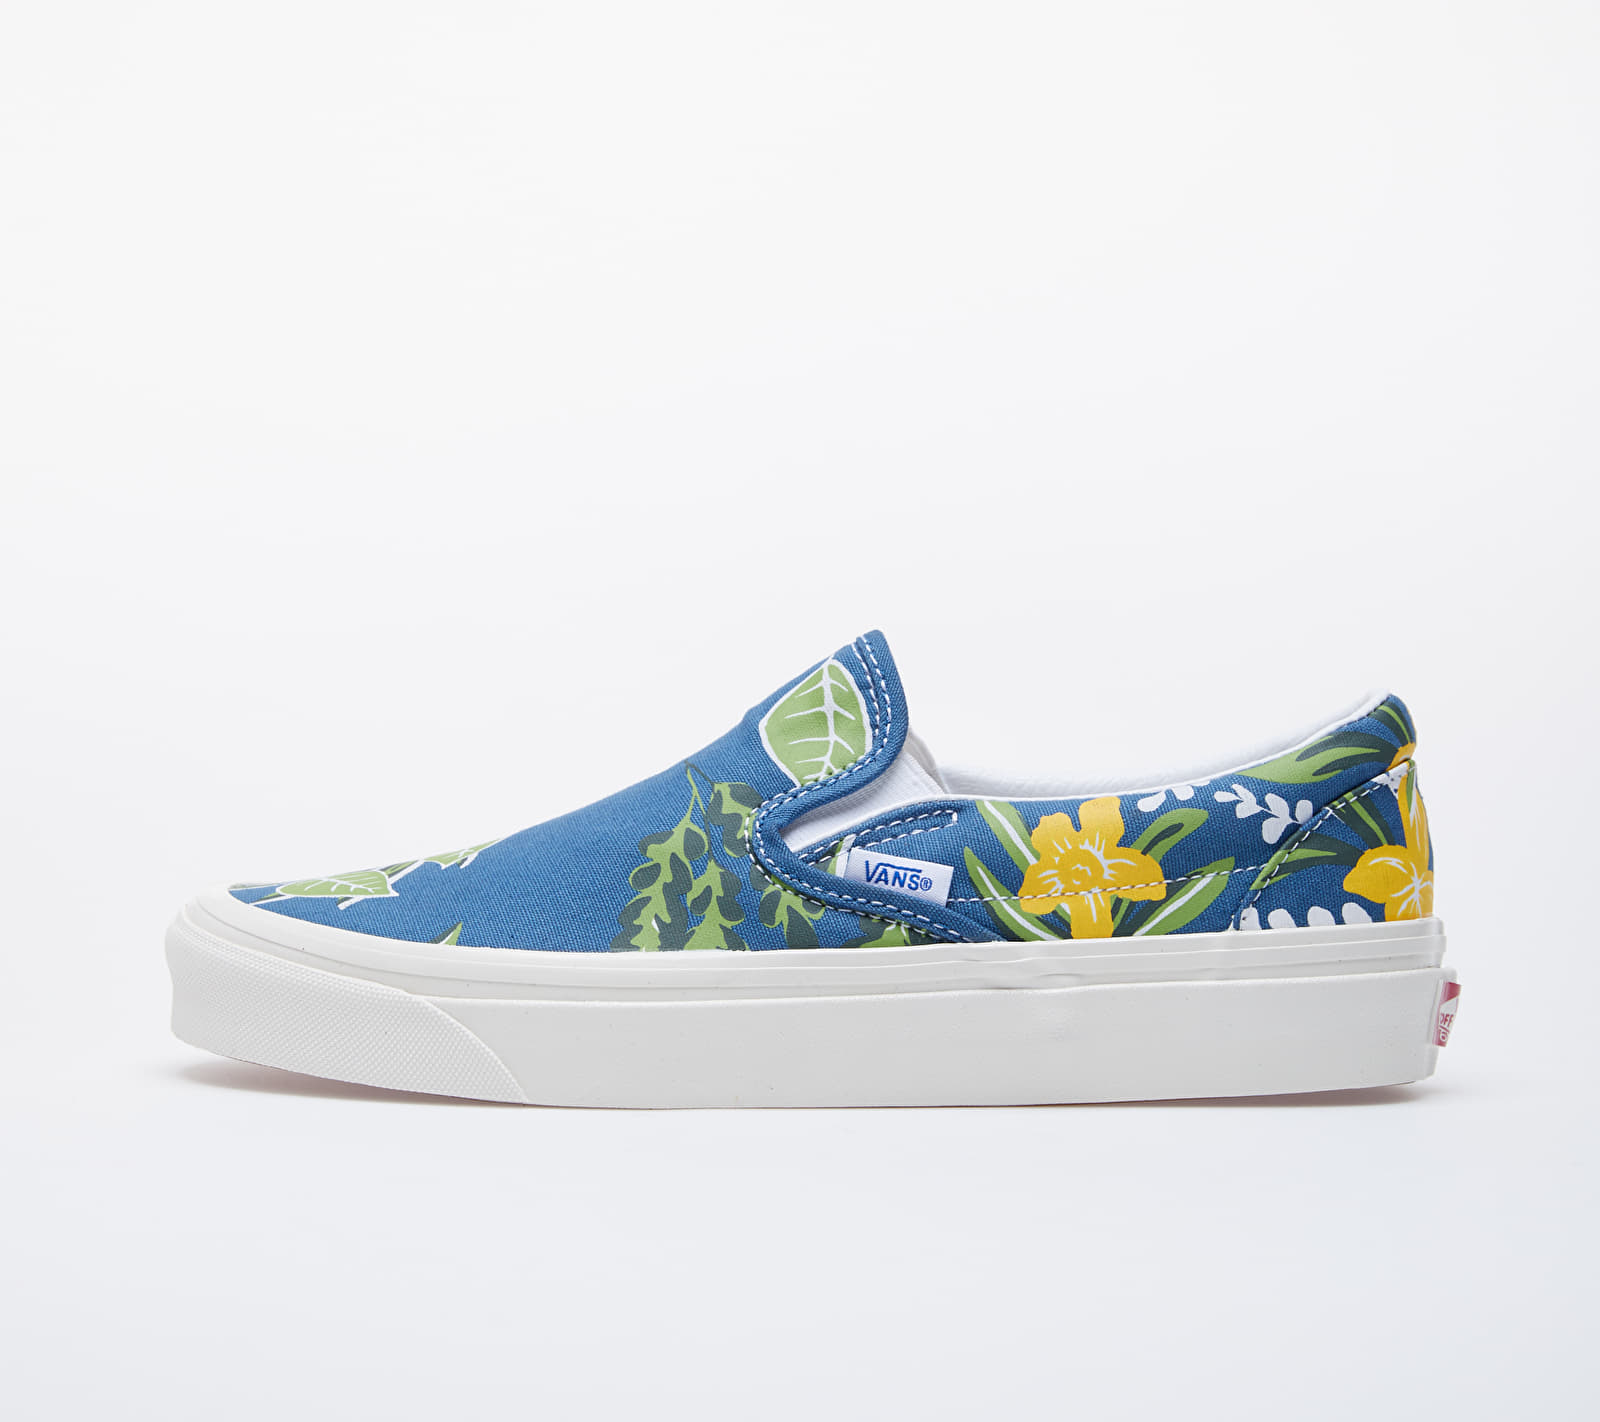 Vans Classic Slip-On 9 Blue EUR 39